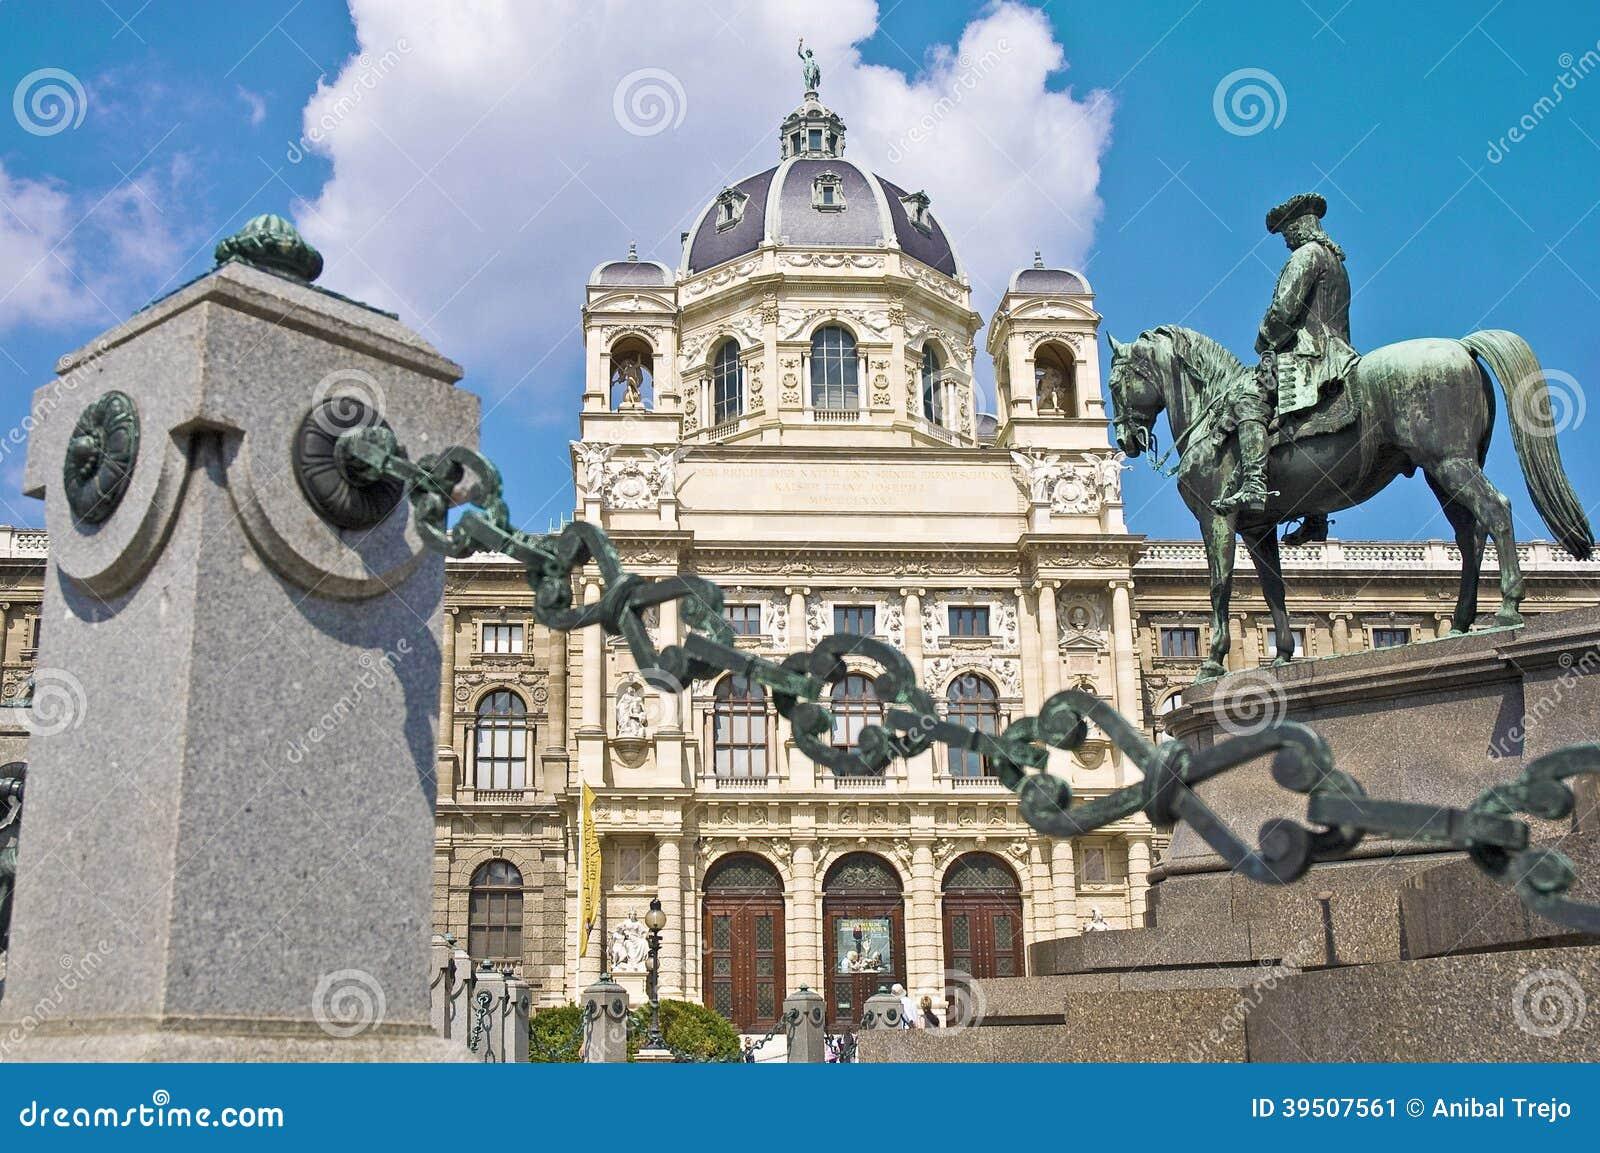 Maria Theresienplatz in Vienna, Austria